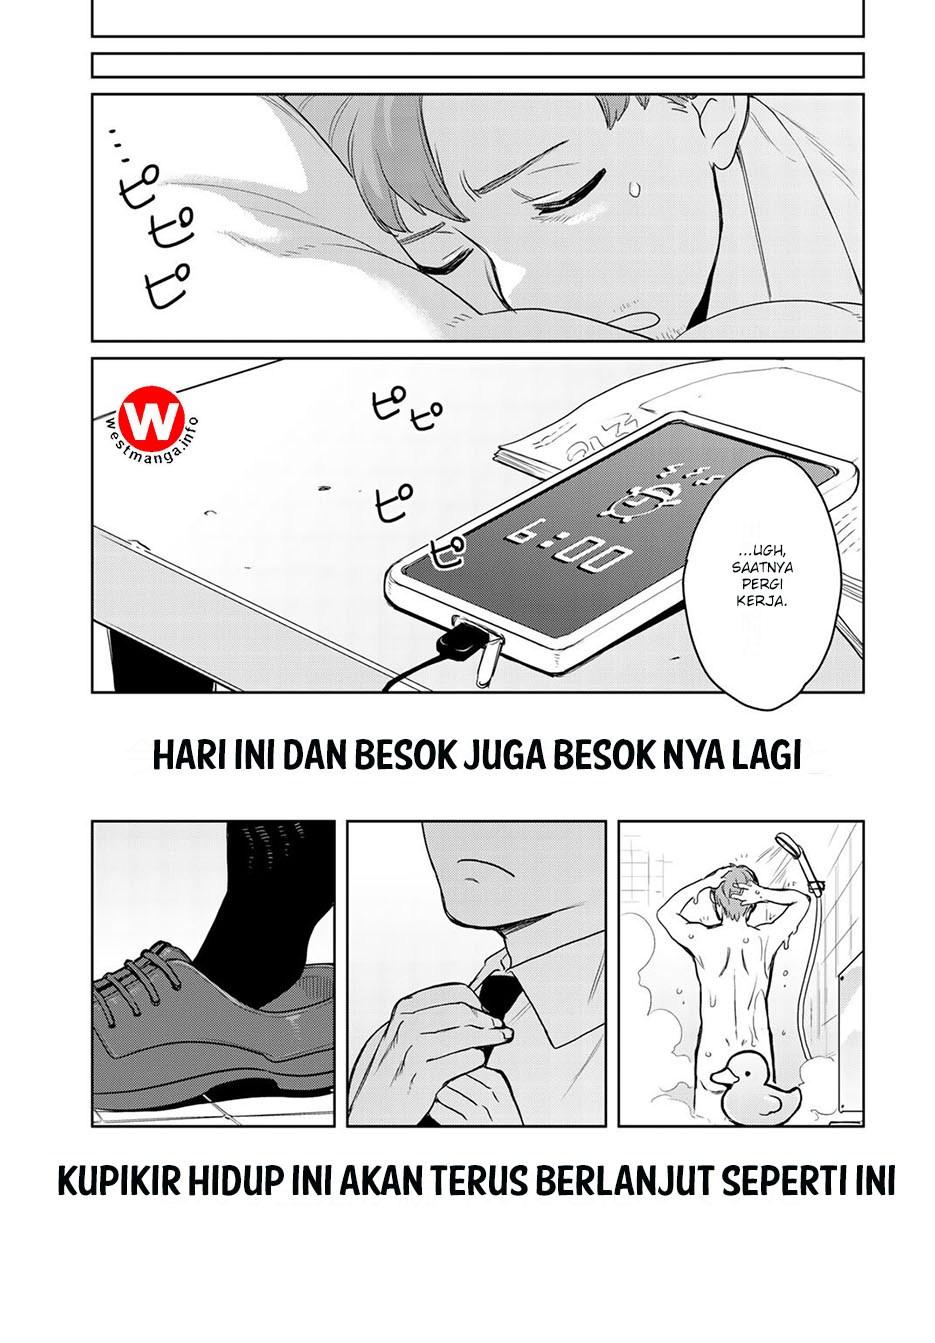 Dilarang COPAS - situs resmi www.mangacanblog.com - Komik isekai ni kita mitai dakedo ikan sureba yoi no darou 001 - chapter 1 2 Indonesia isekai ni kita mitai dakedo ikan sureba yoi no darou 001 - chapter 1 Terbaru 6 Baca Manga Komik Indonesia Mangacan